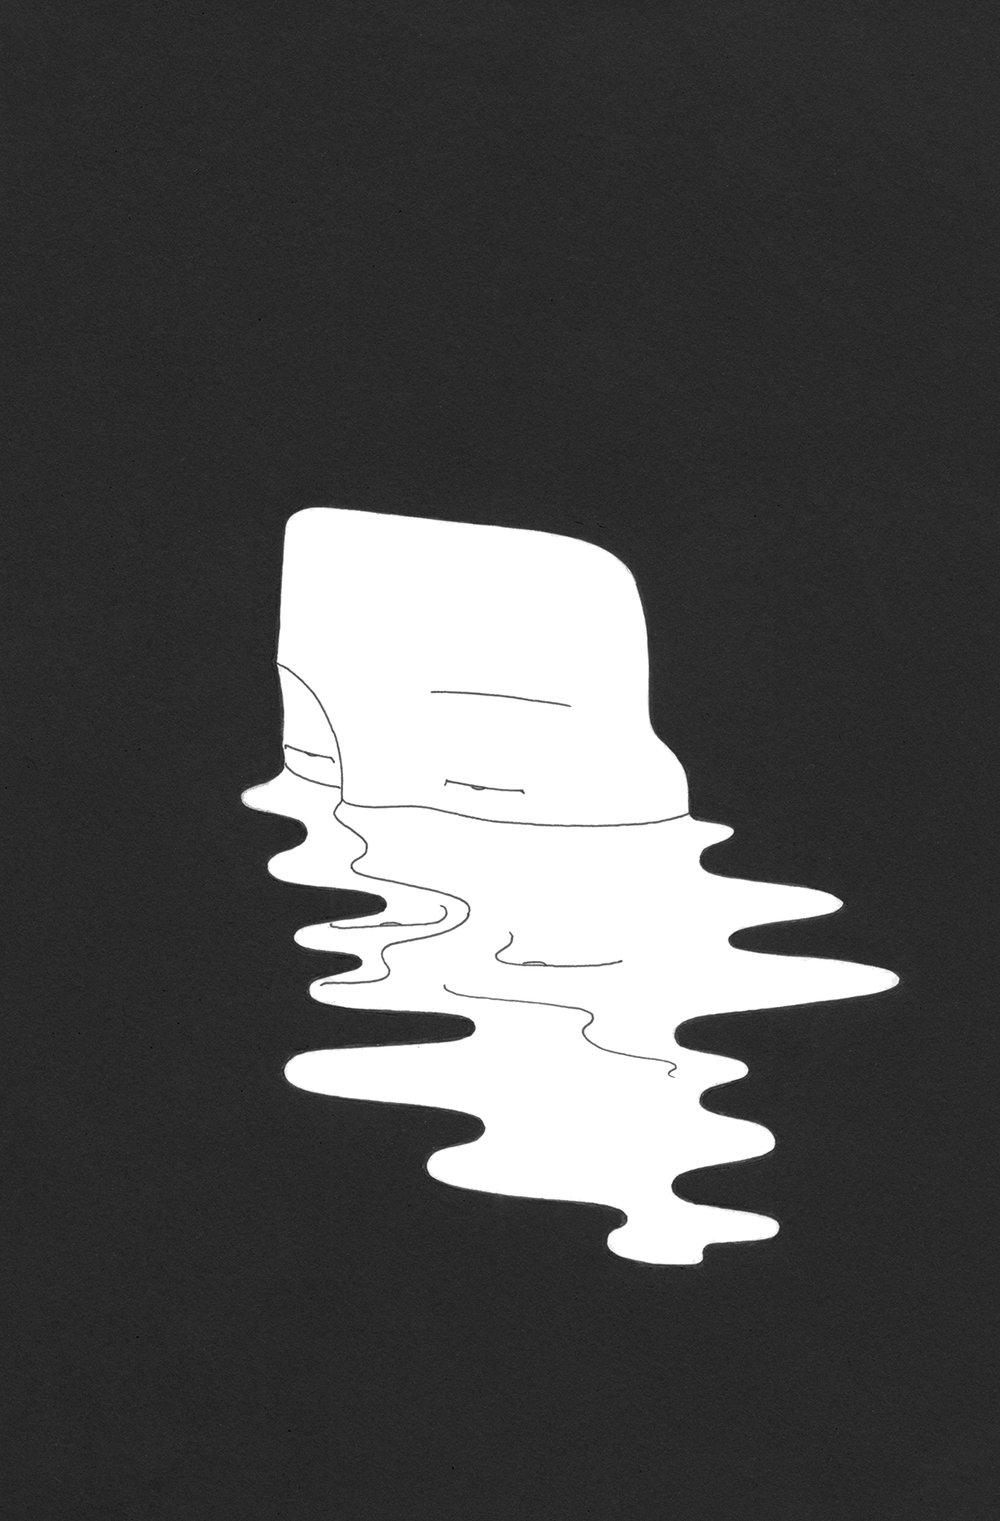 얼 / Face the truth Op. 0123CS-7 -21 x 29.7 cm,종이에 펜, 마커 / Pigment liner and marker on paper, 2016 Commissioned by Minumsa